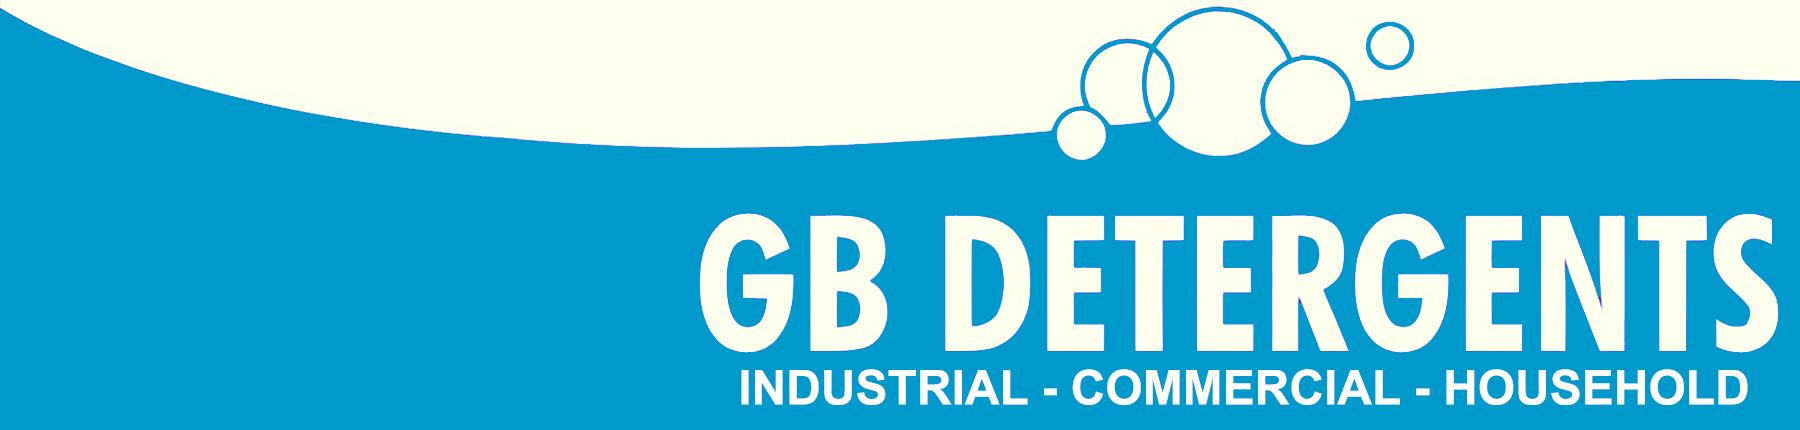 GB Detergents